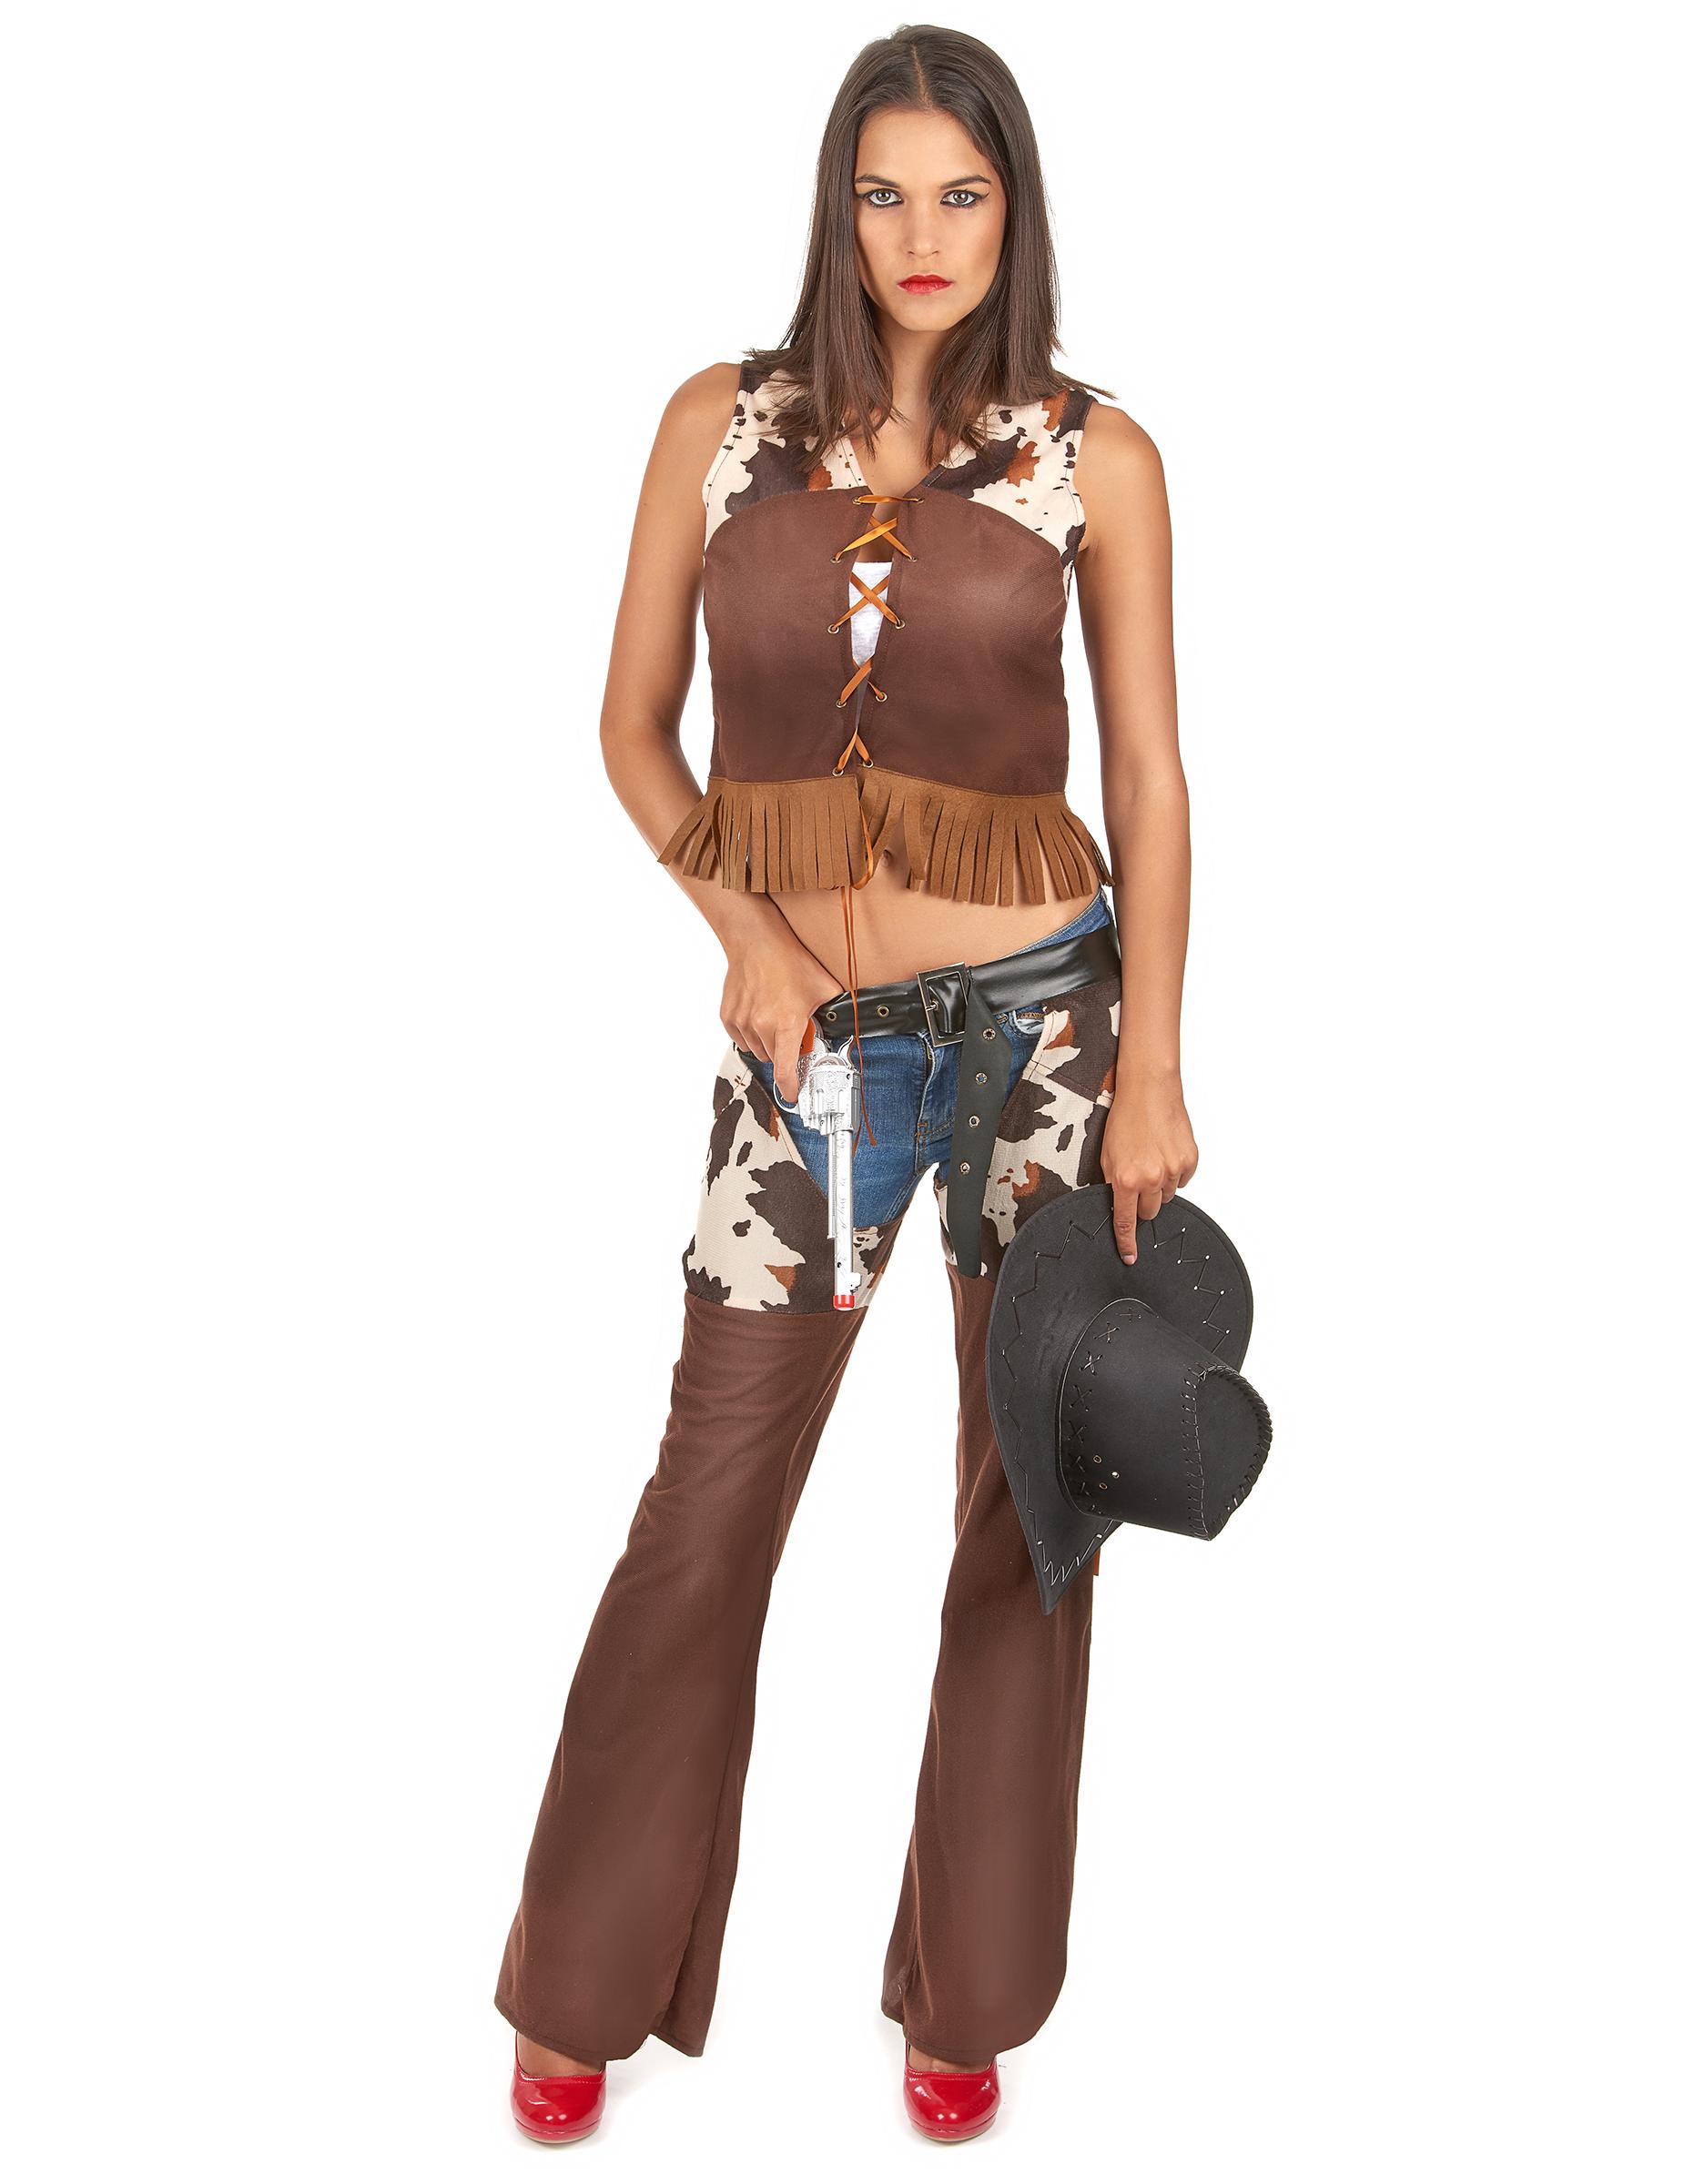 89c4e577c Disfarce de cowgirl para mulher calças